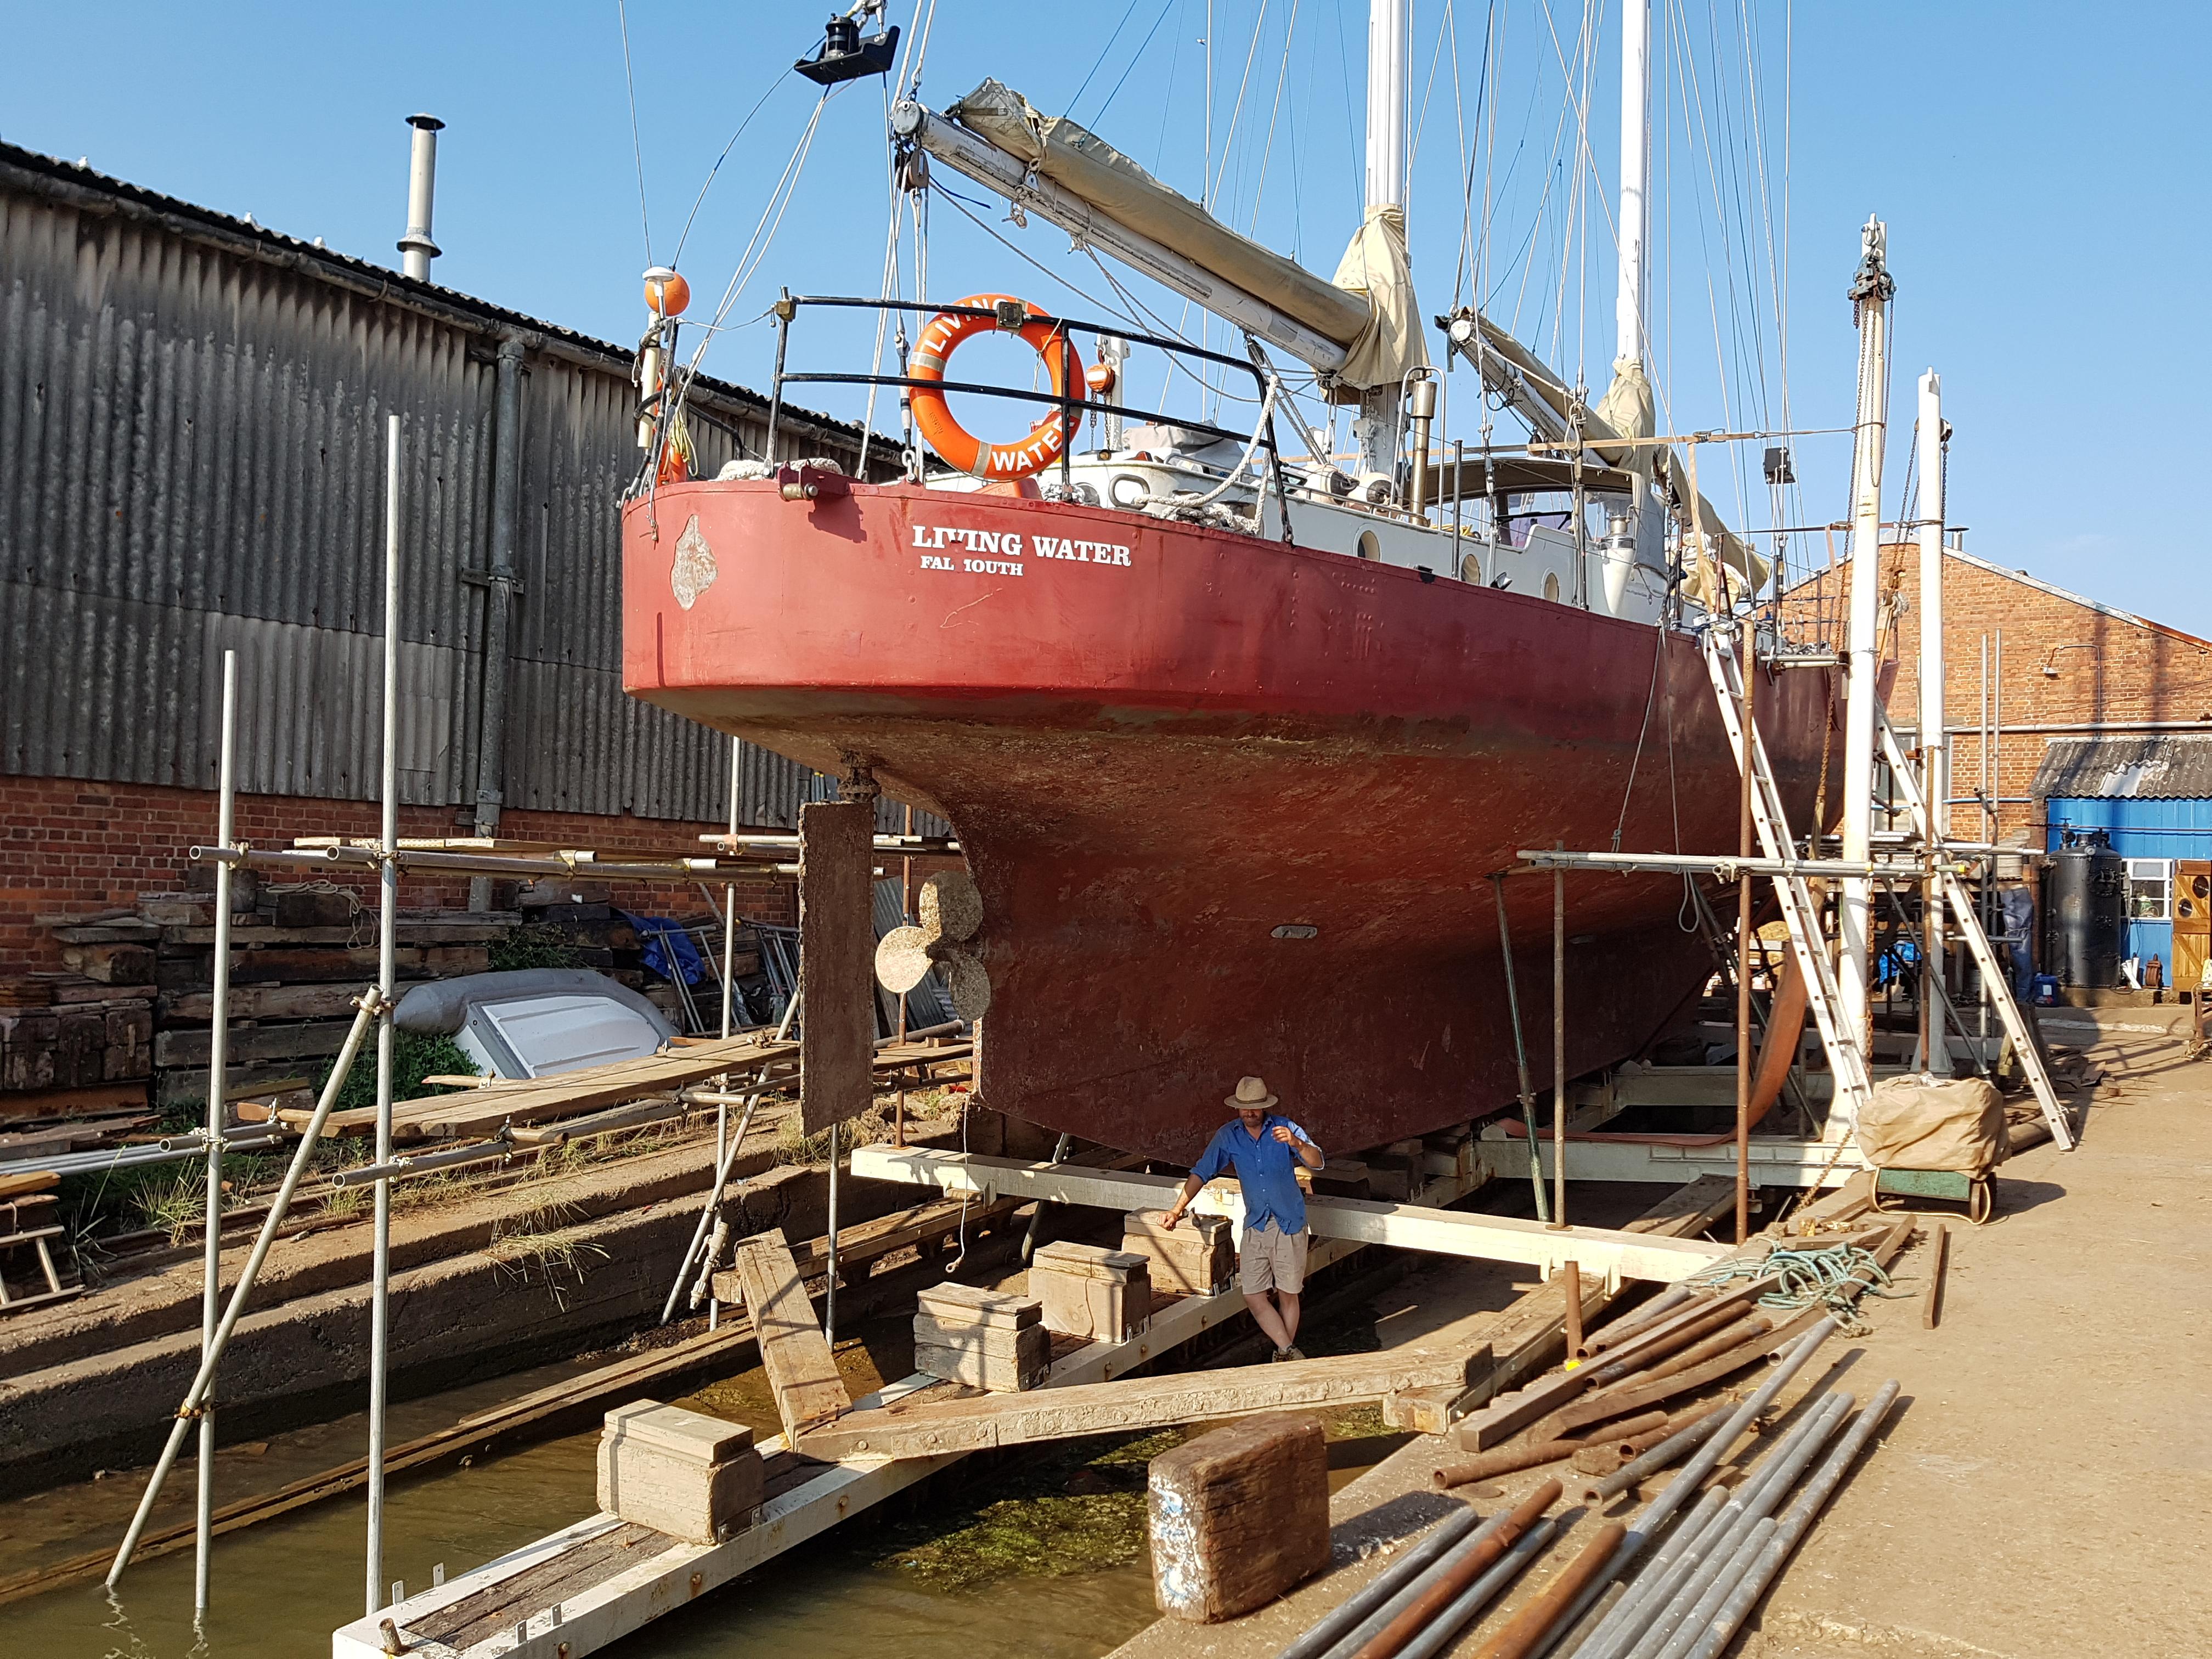 Small Ship Repair Facilities